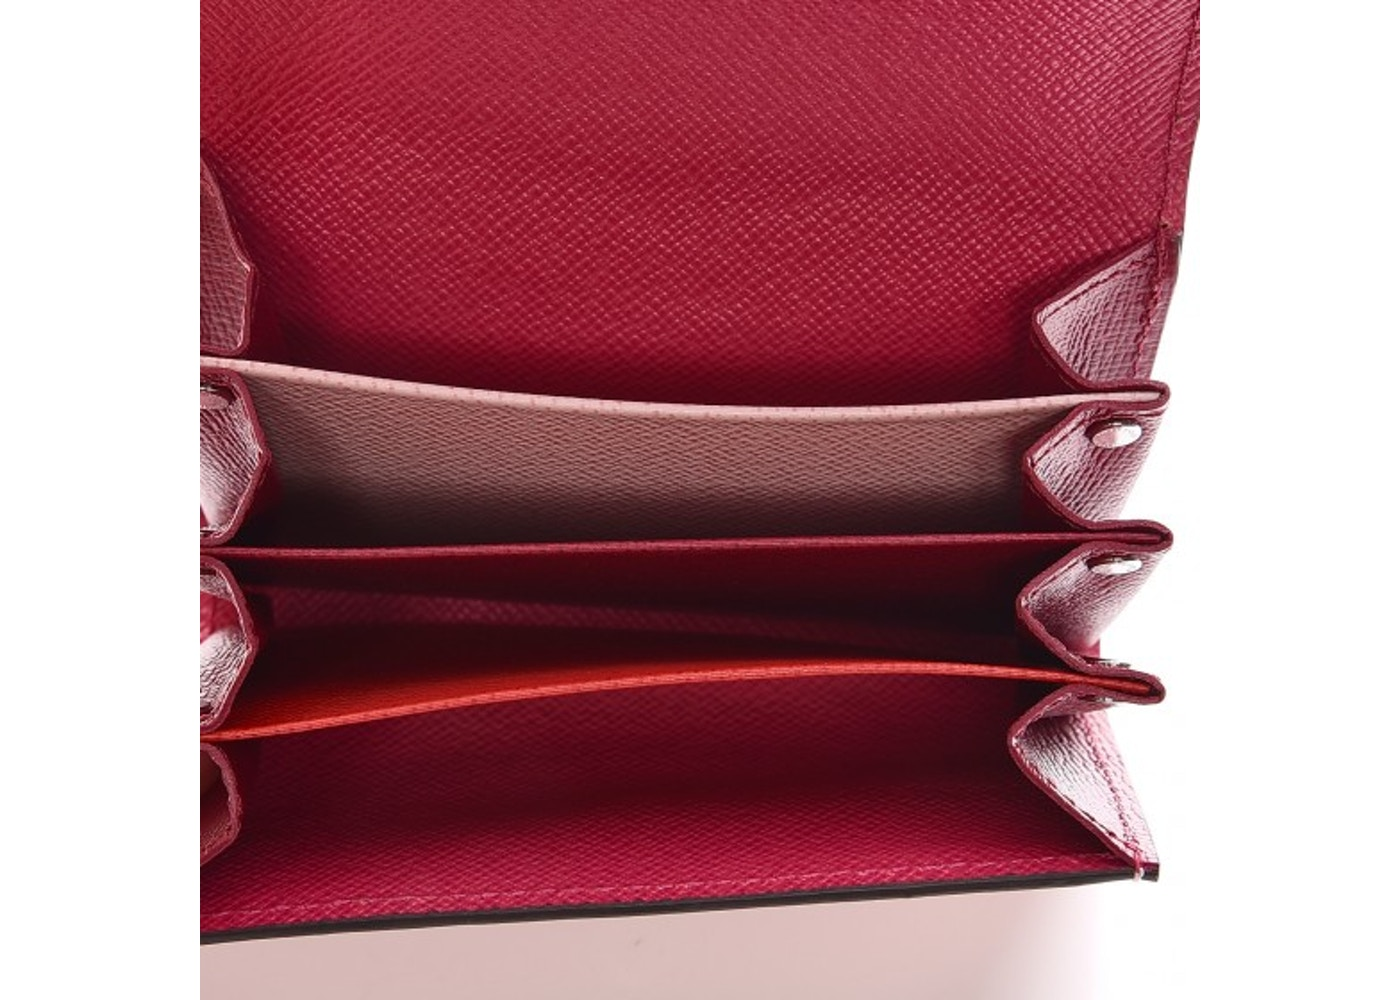 c5432a48855c1 Louis Vuitton Multicartes Sarah Epi